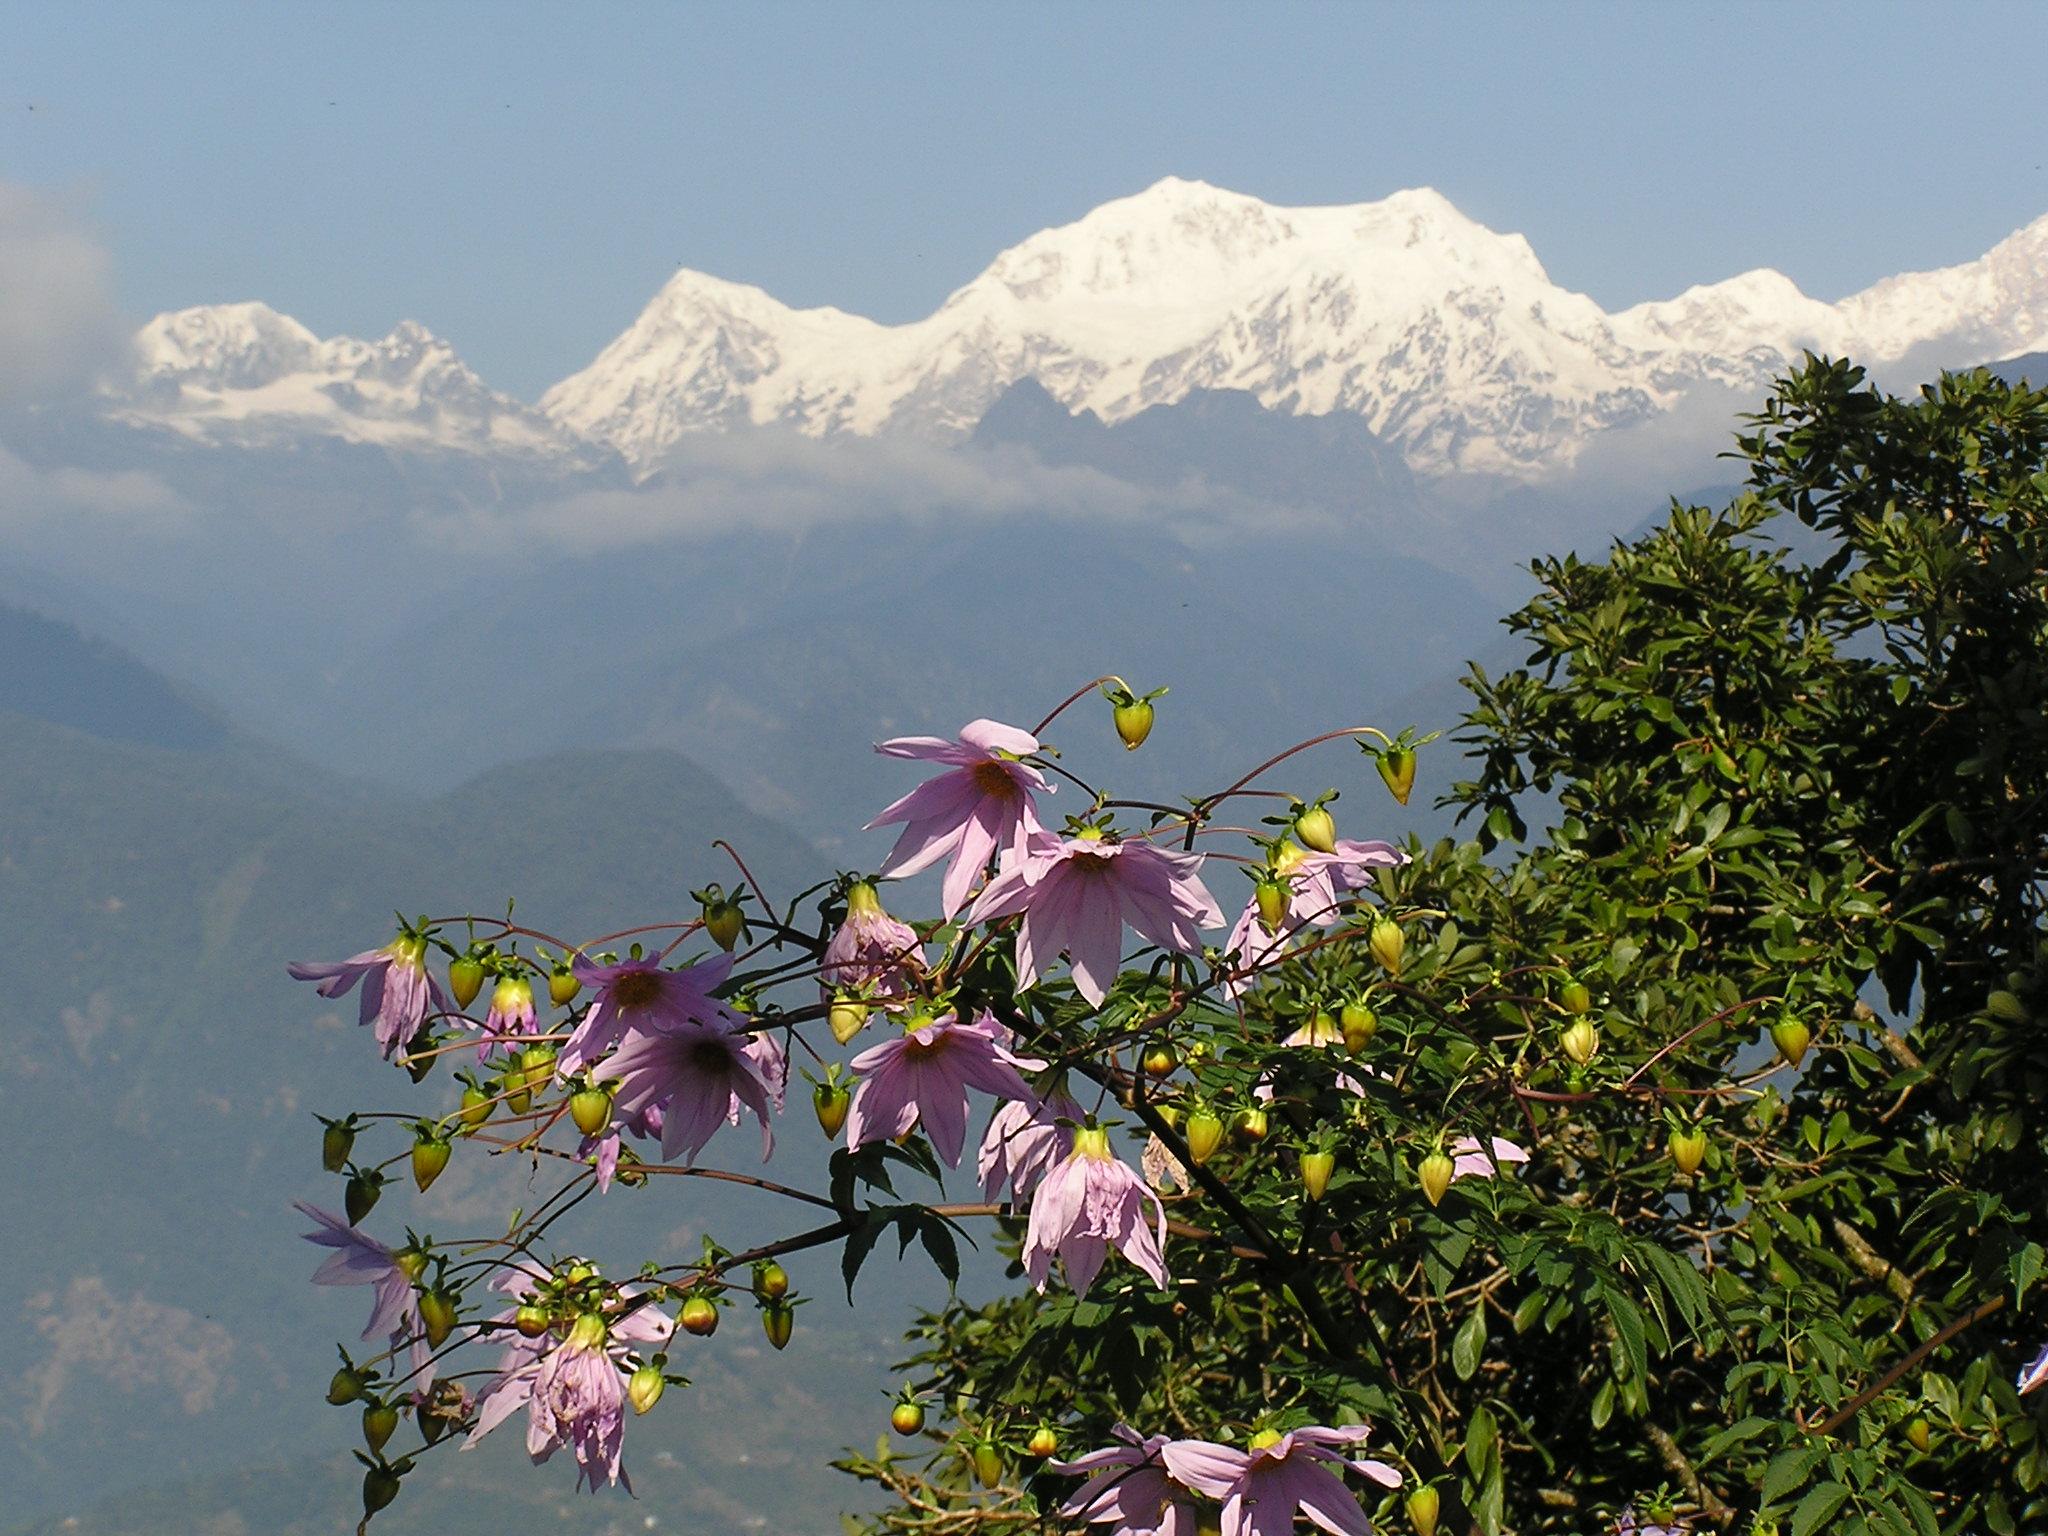 sikkim kanchenjunga india